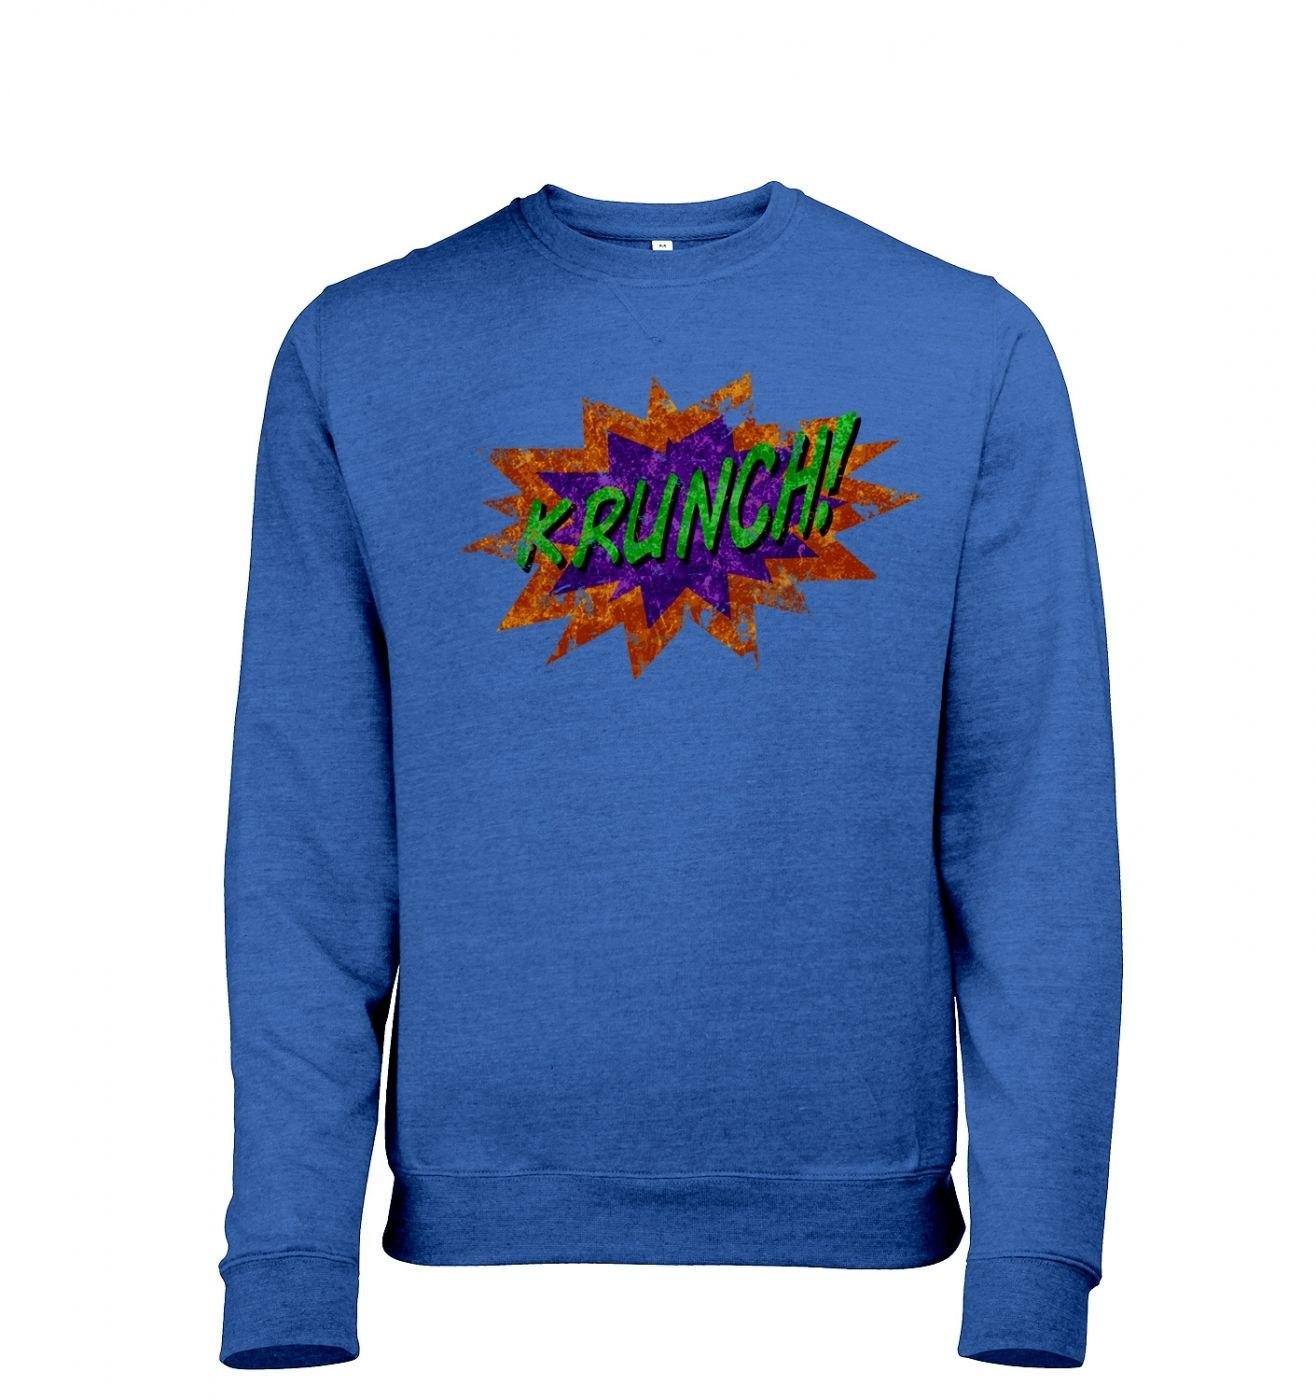 Krunch men's heather sweatshirt